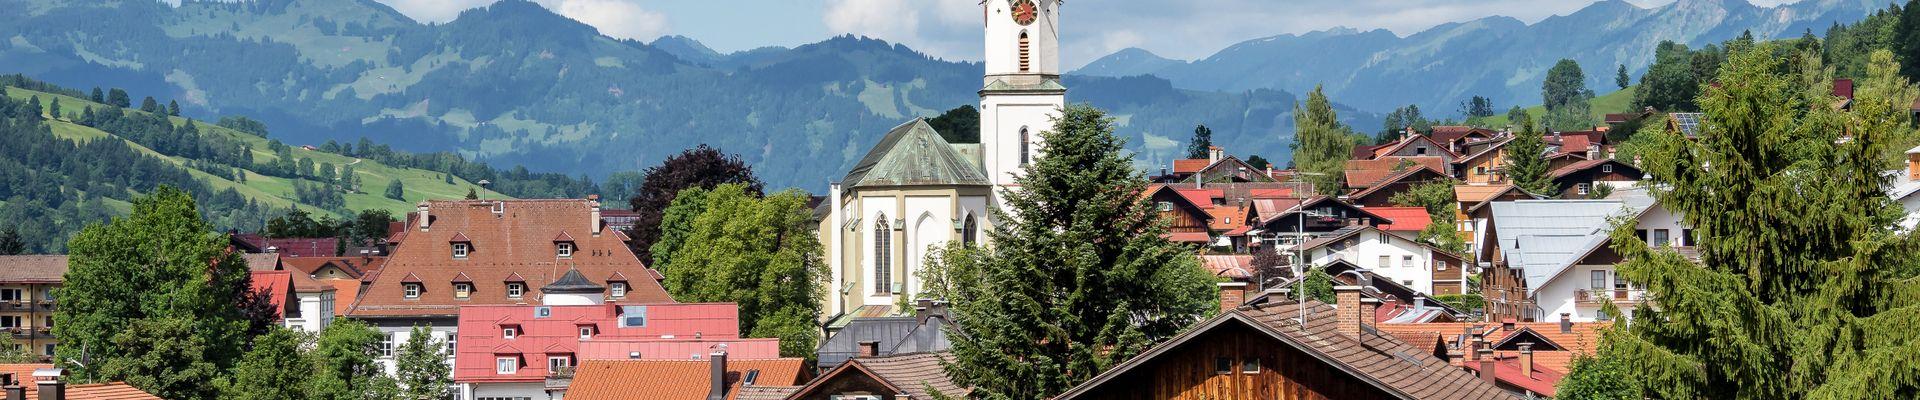 Familienhotels in Oberjoch